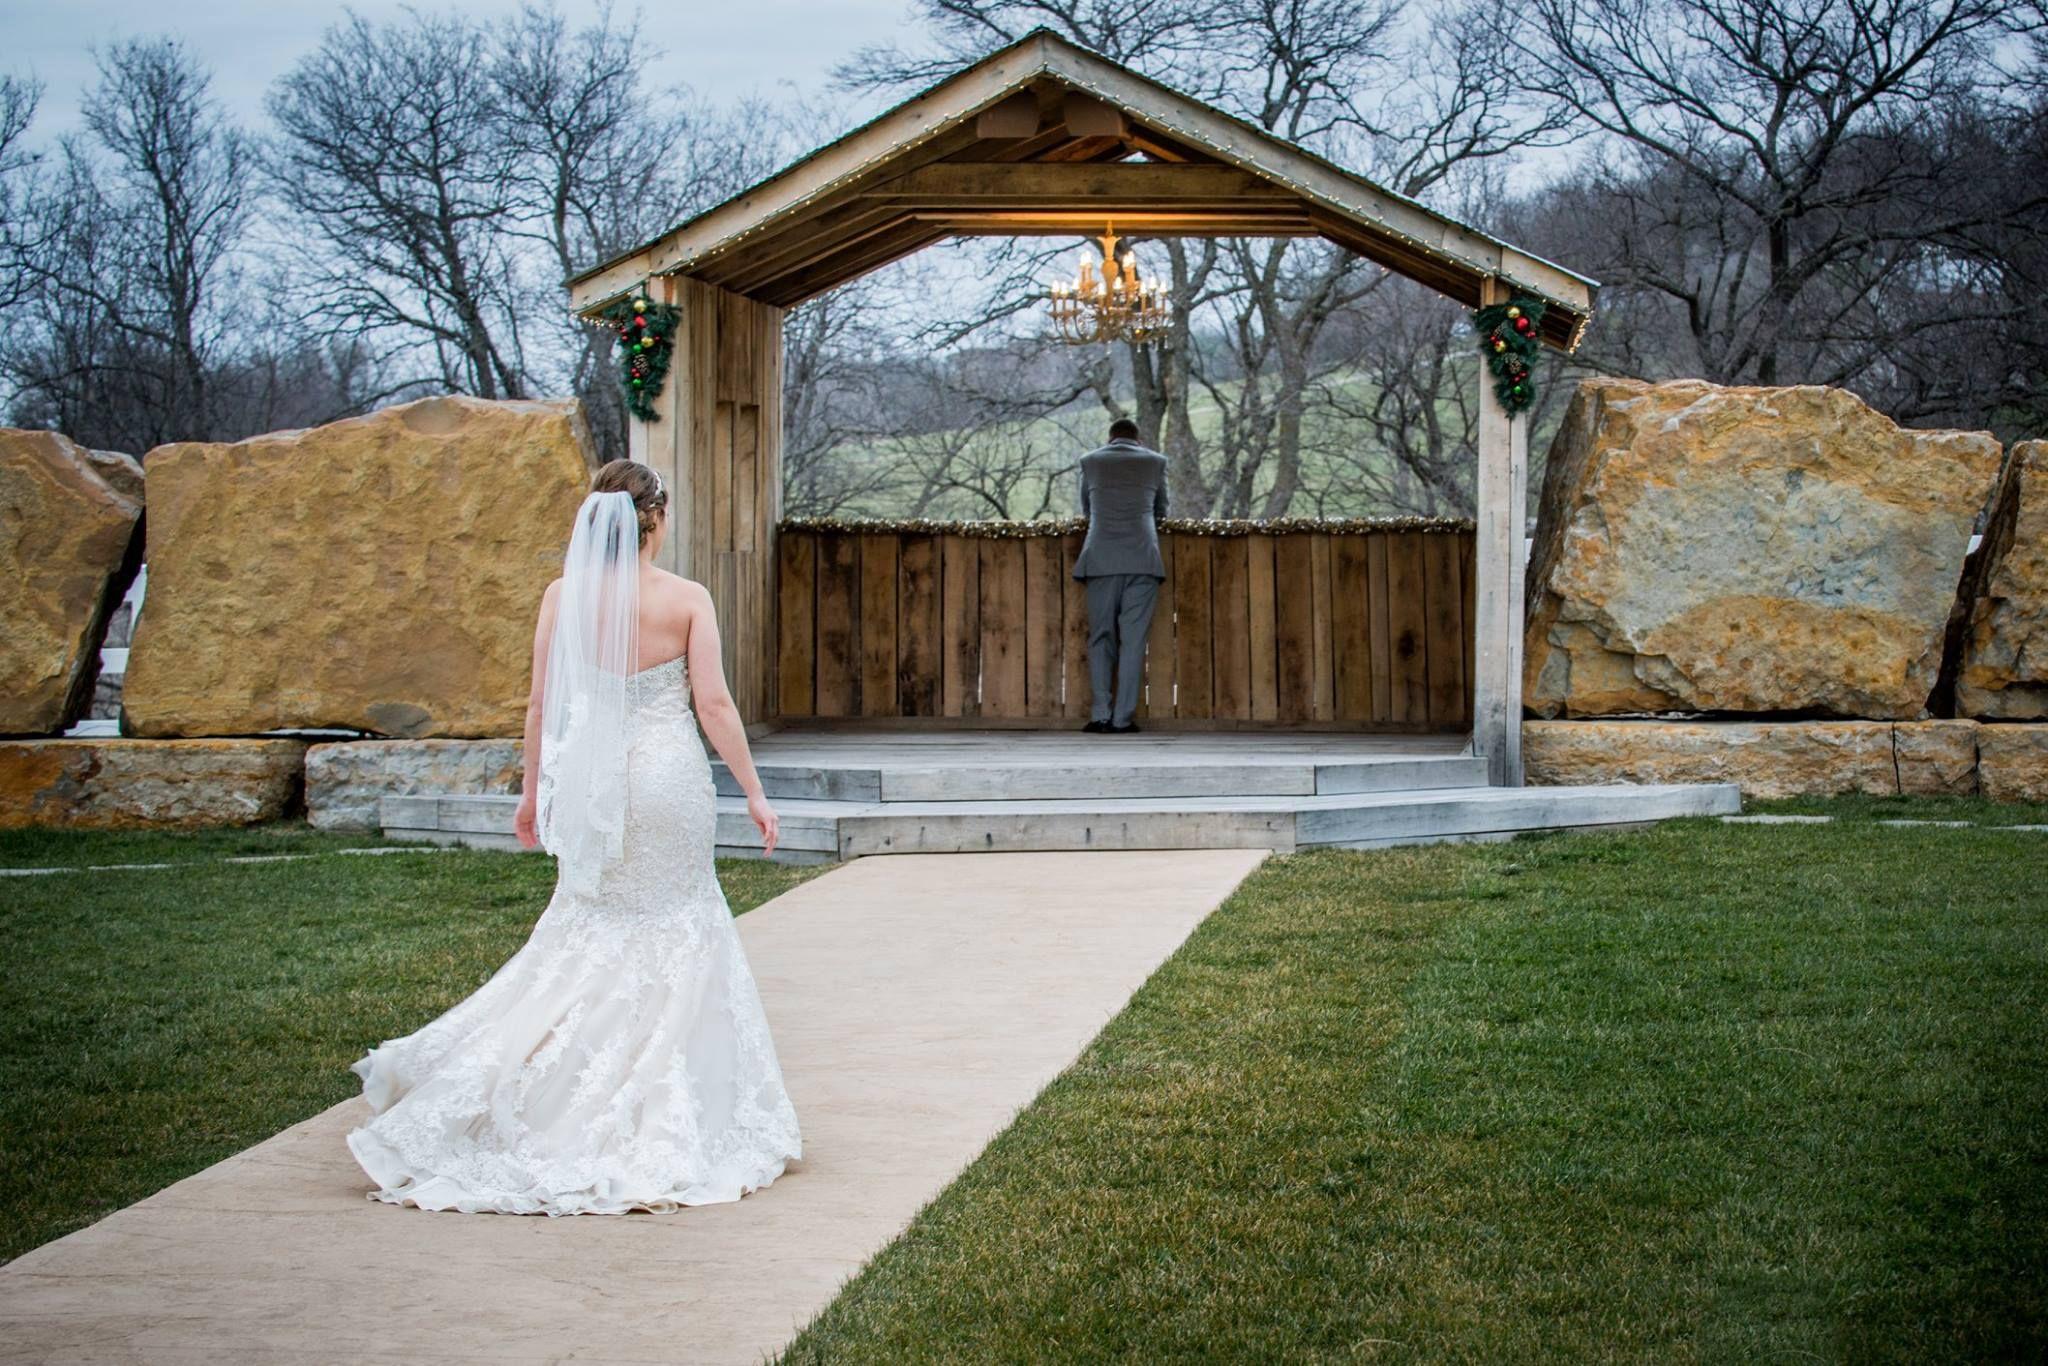 Madison drew 122015 berry acres outdoor wedding